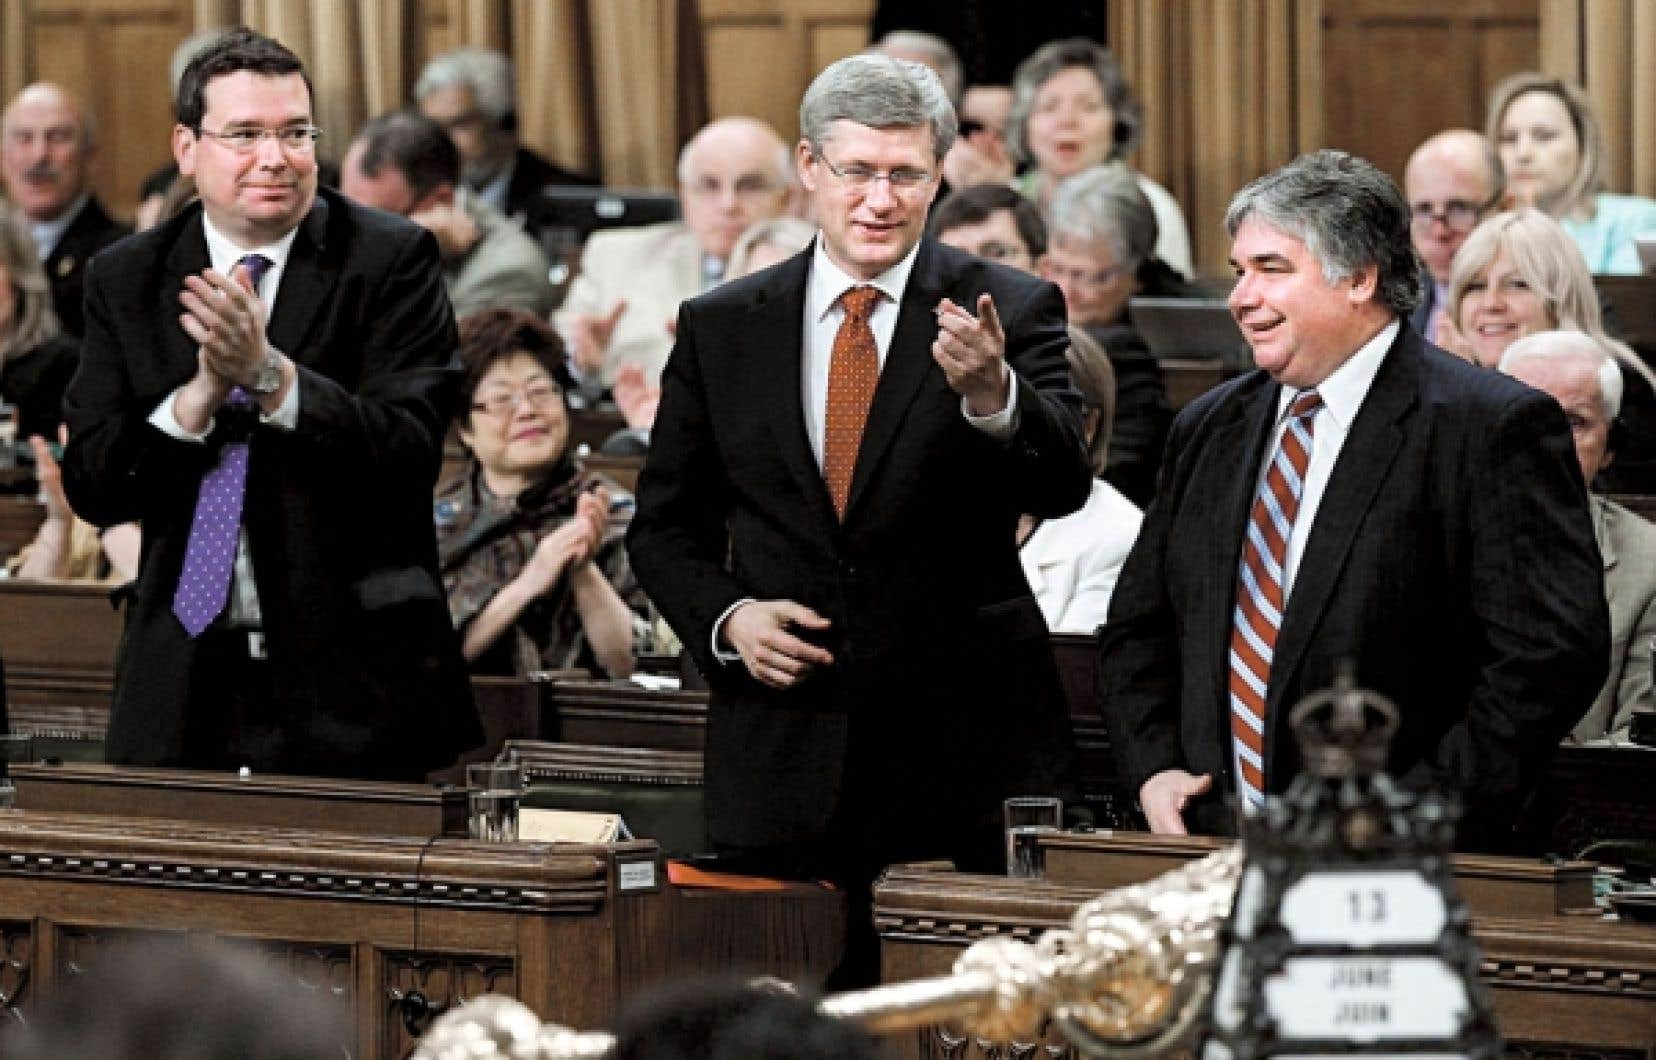 Le premier ministre, Stephen Harper, jeudi, lors d'un des votes sur un amendement proposé au projet de loi.